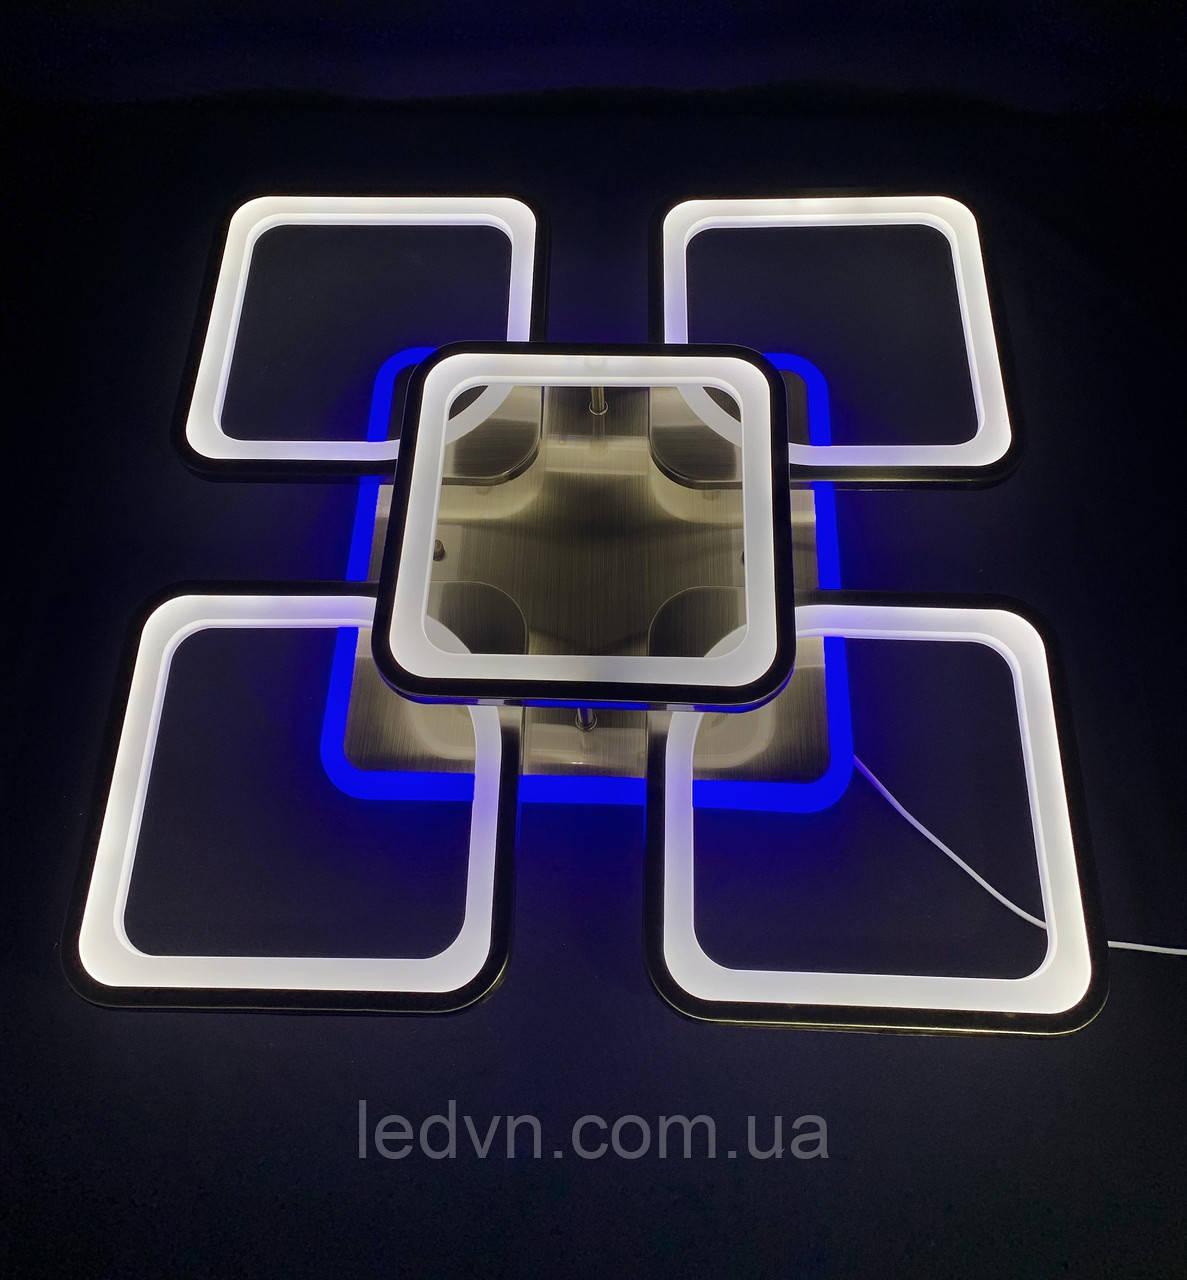 Светодиодная люстра бронза квадраты 4+1 с синей подсветкой 80 вт